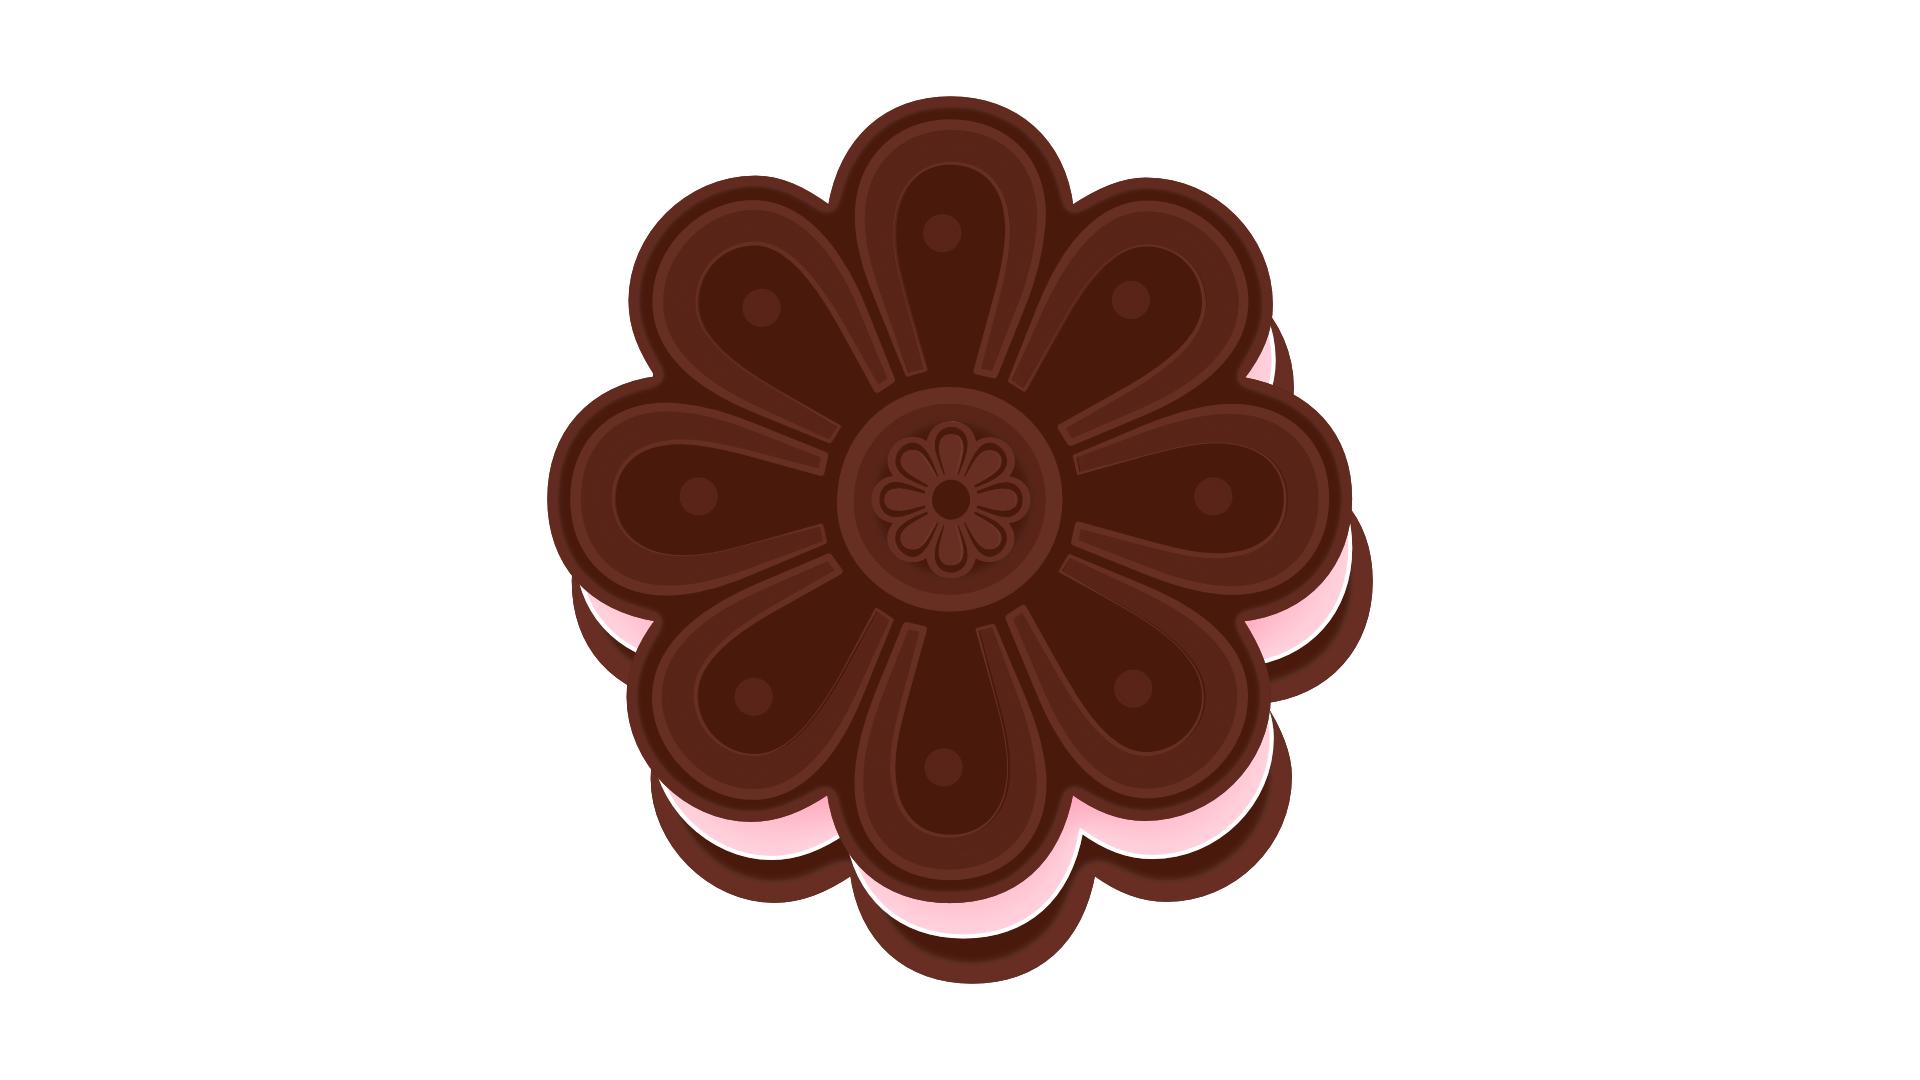 Cookie illustration